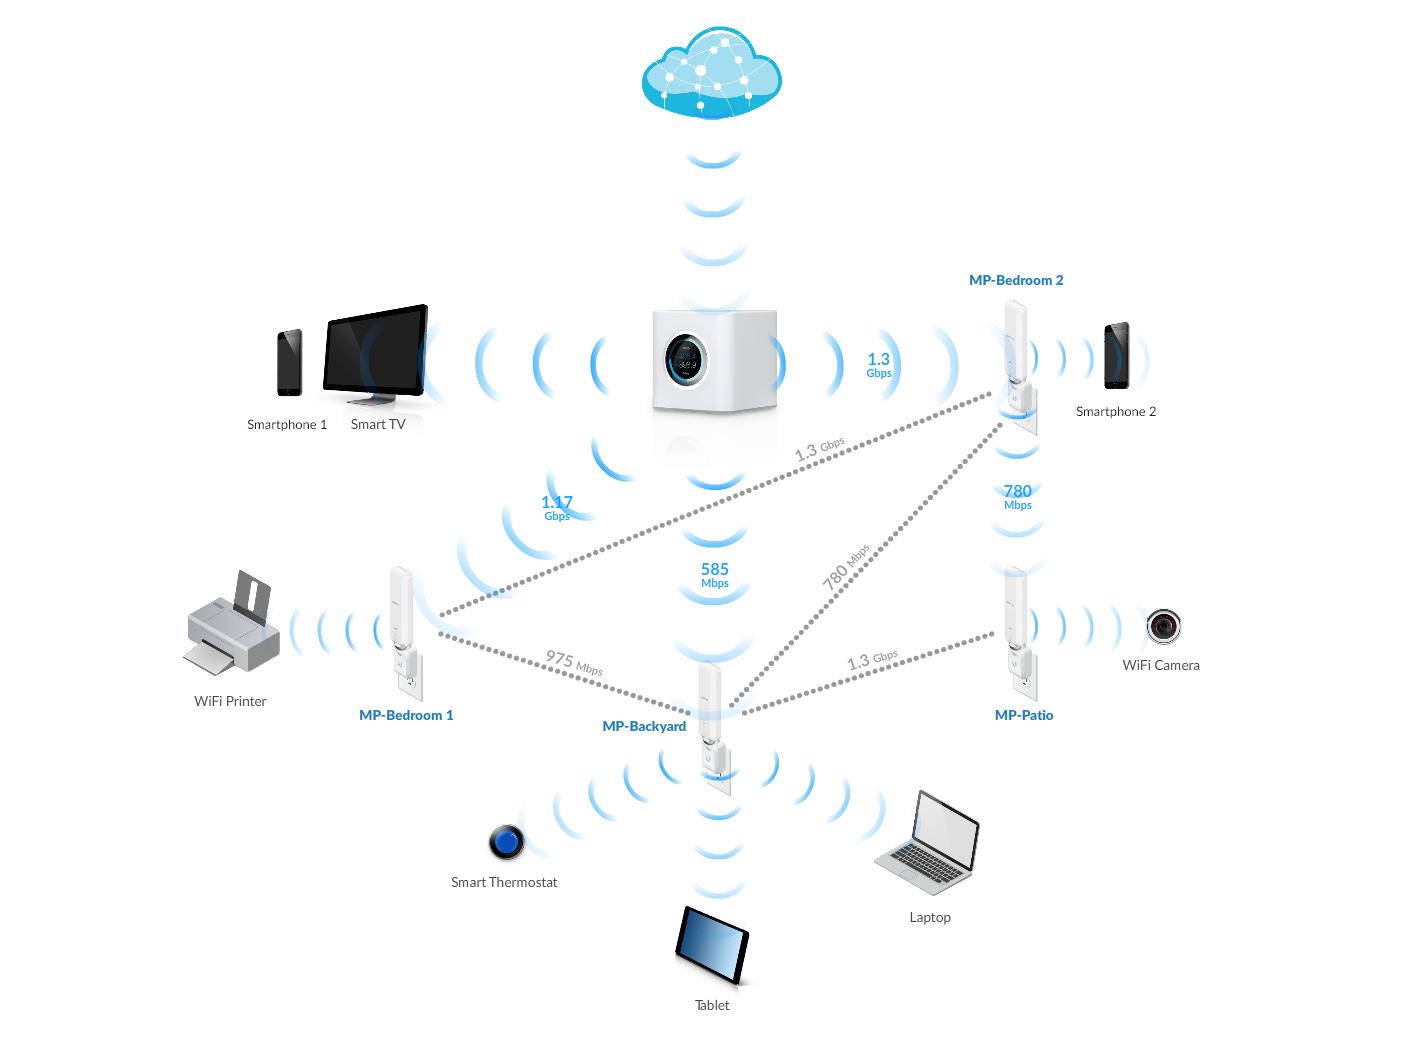 amplifi_static_image_diagram_02